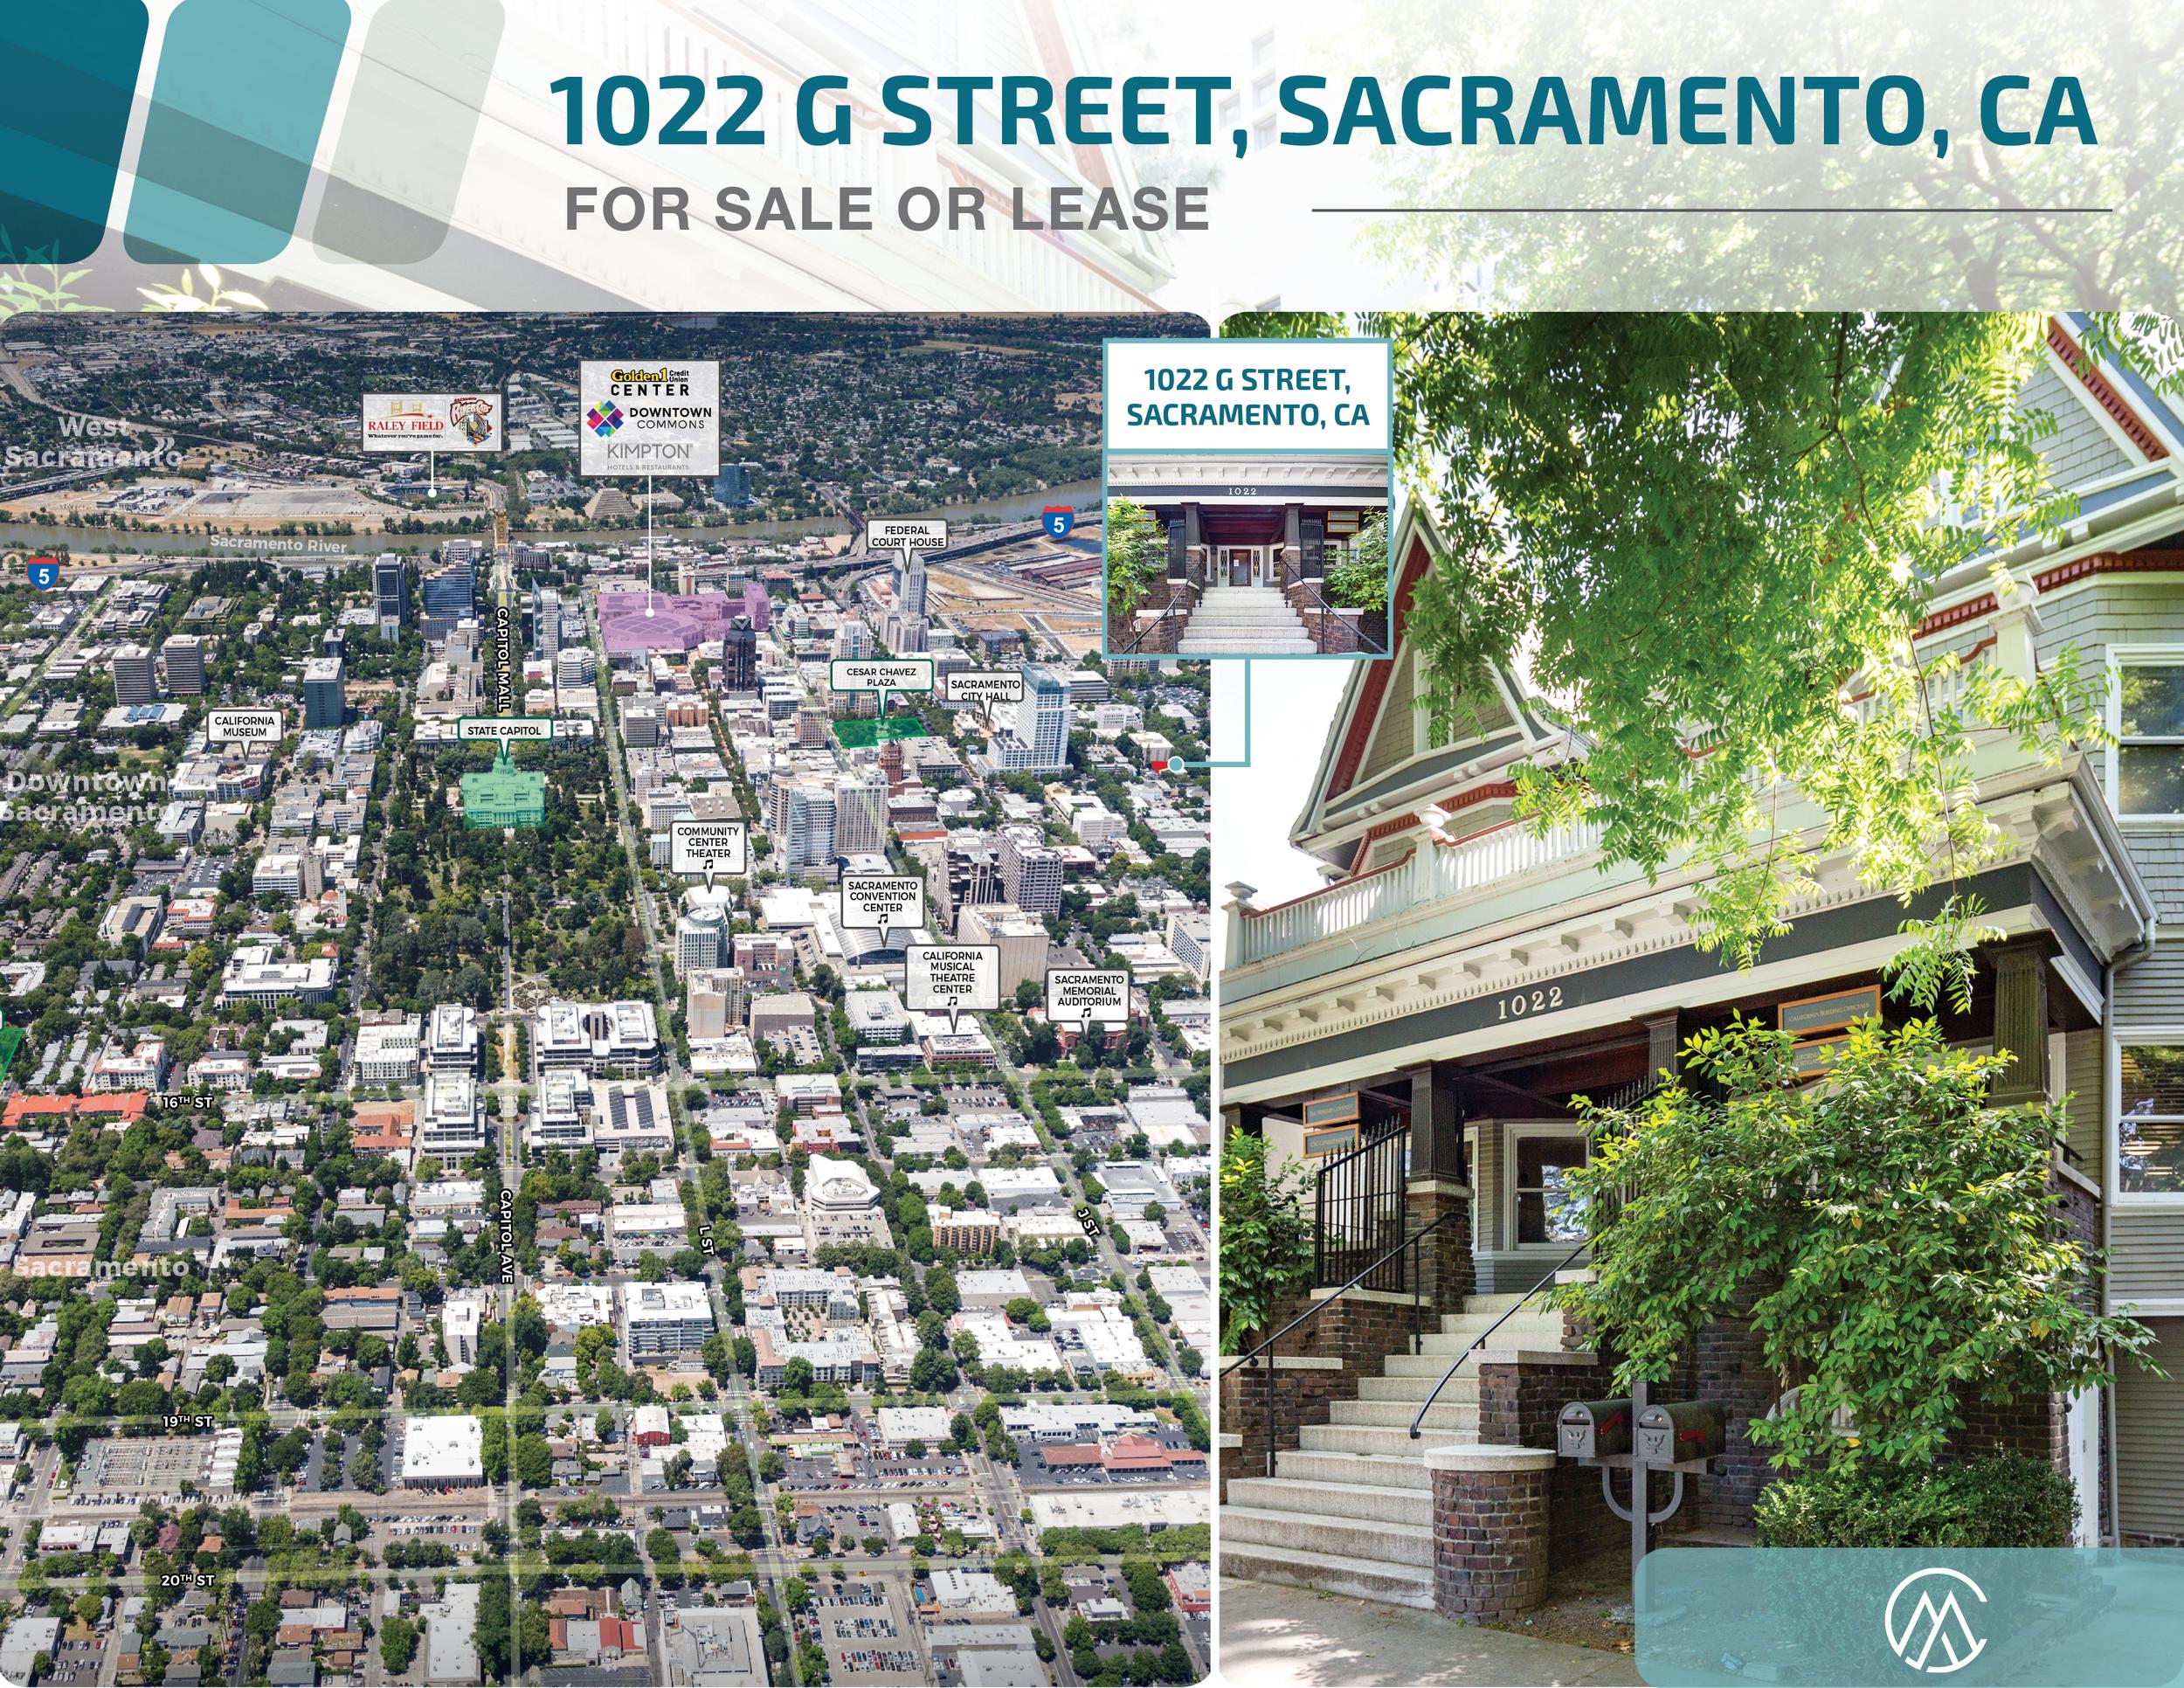 1022 G Street - Sacramento CA_CM.png